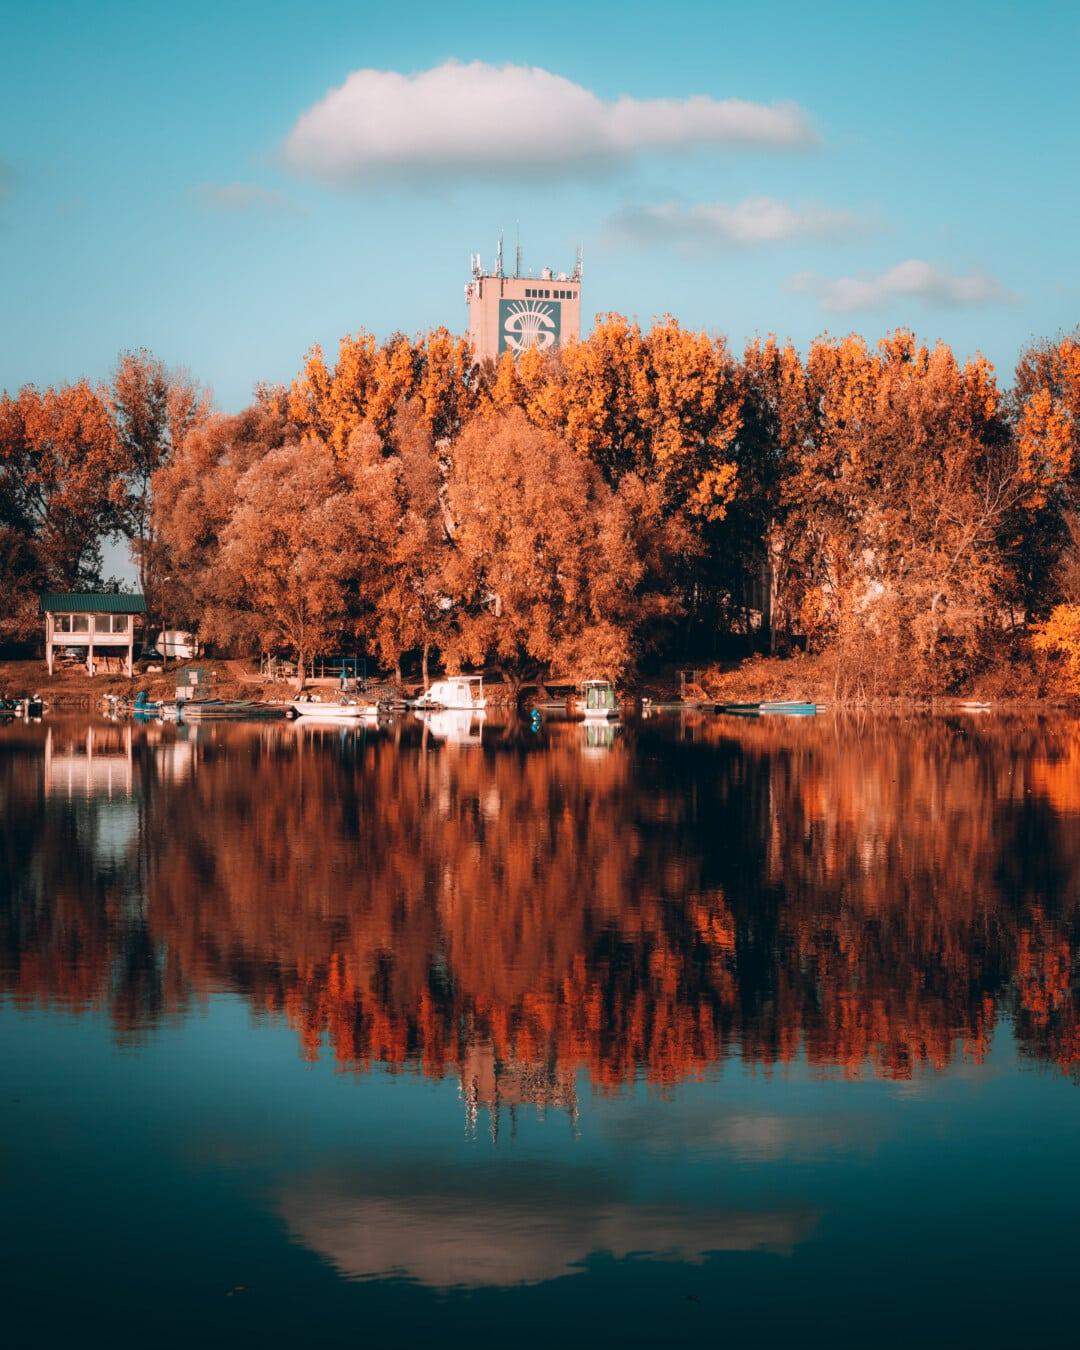 høstsesongen, innsjøen, sted, majestetiske, vann, refleksjon, kysten, treet, landskapet, innsjø